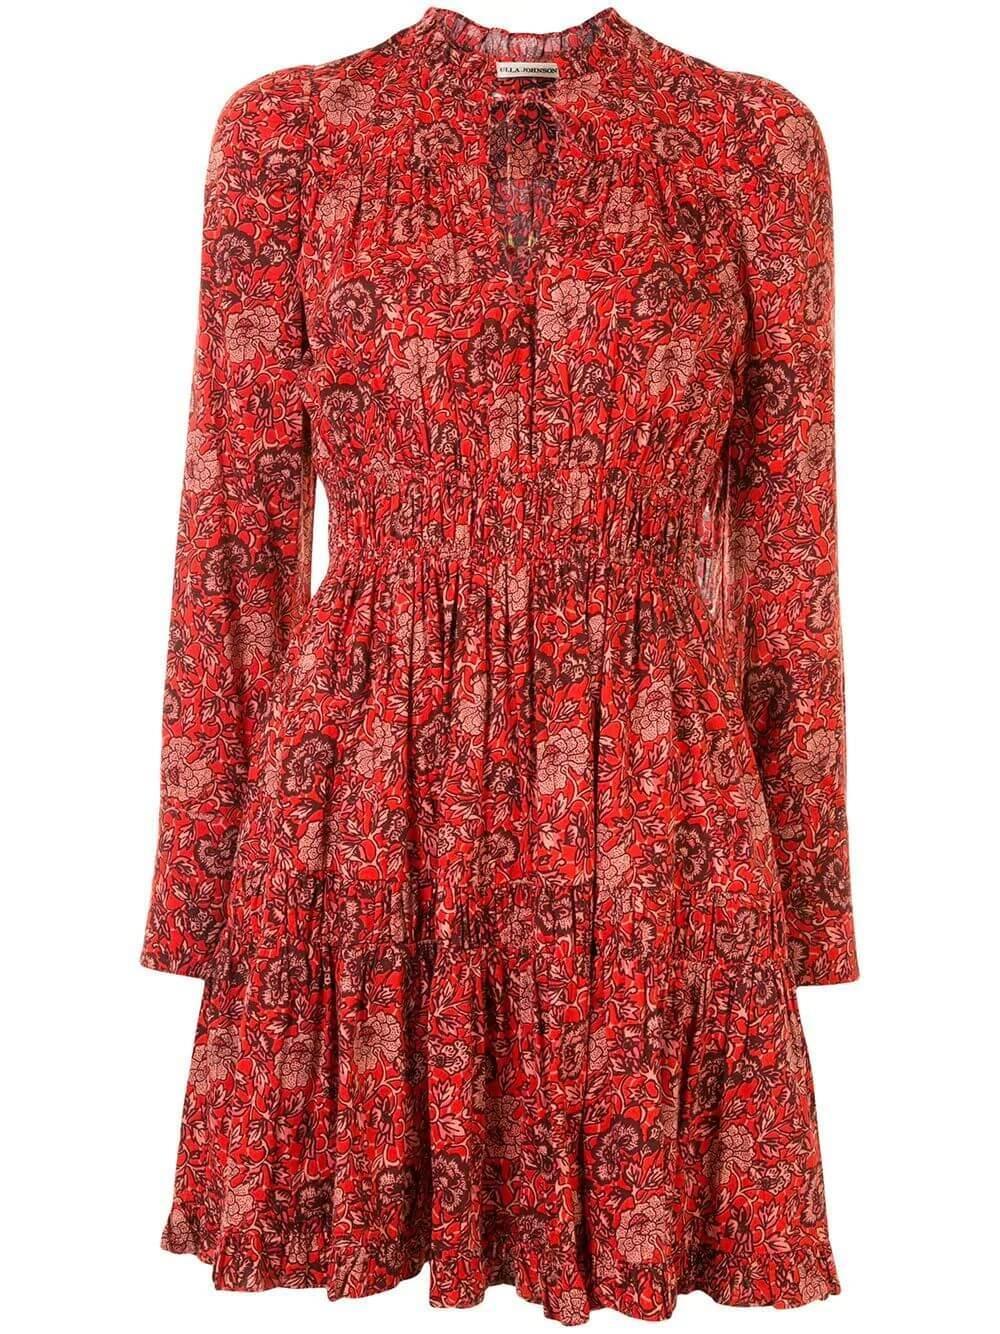 Liv Long Sleeve Short Dress